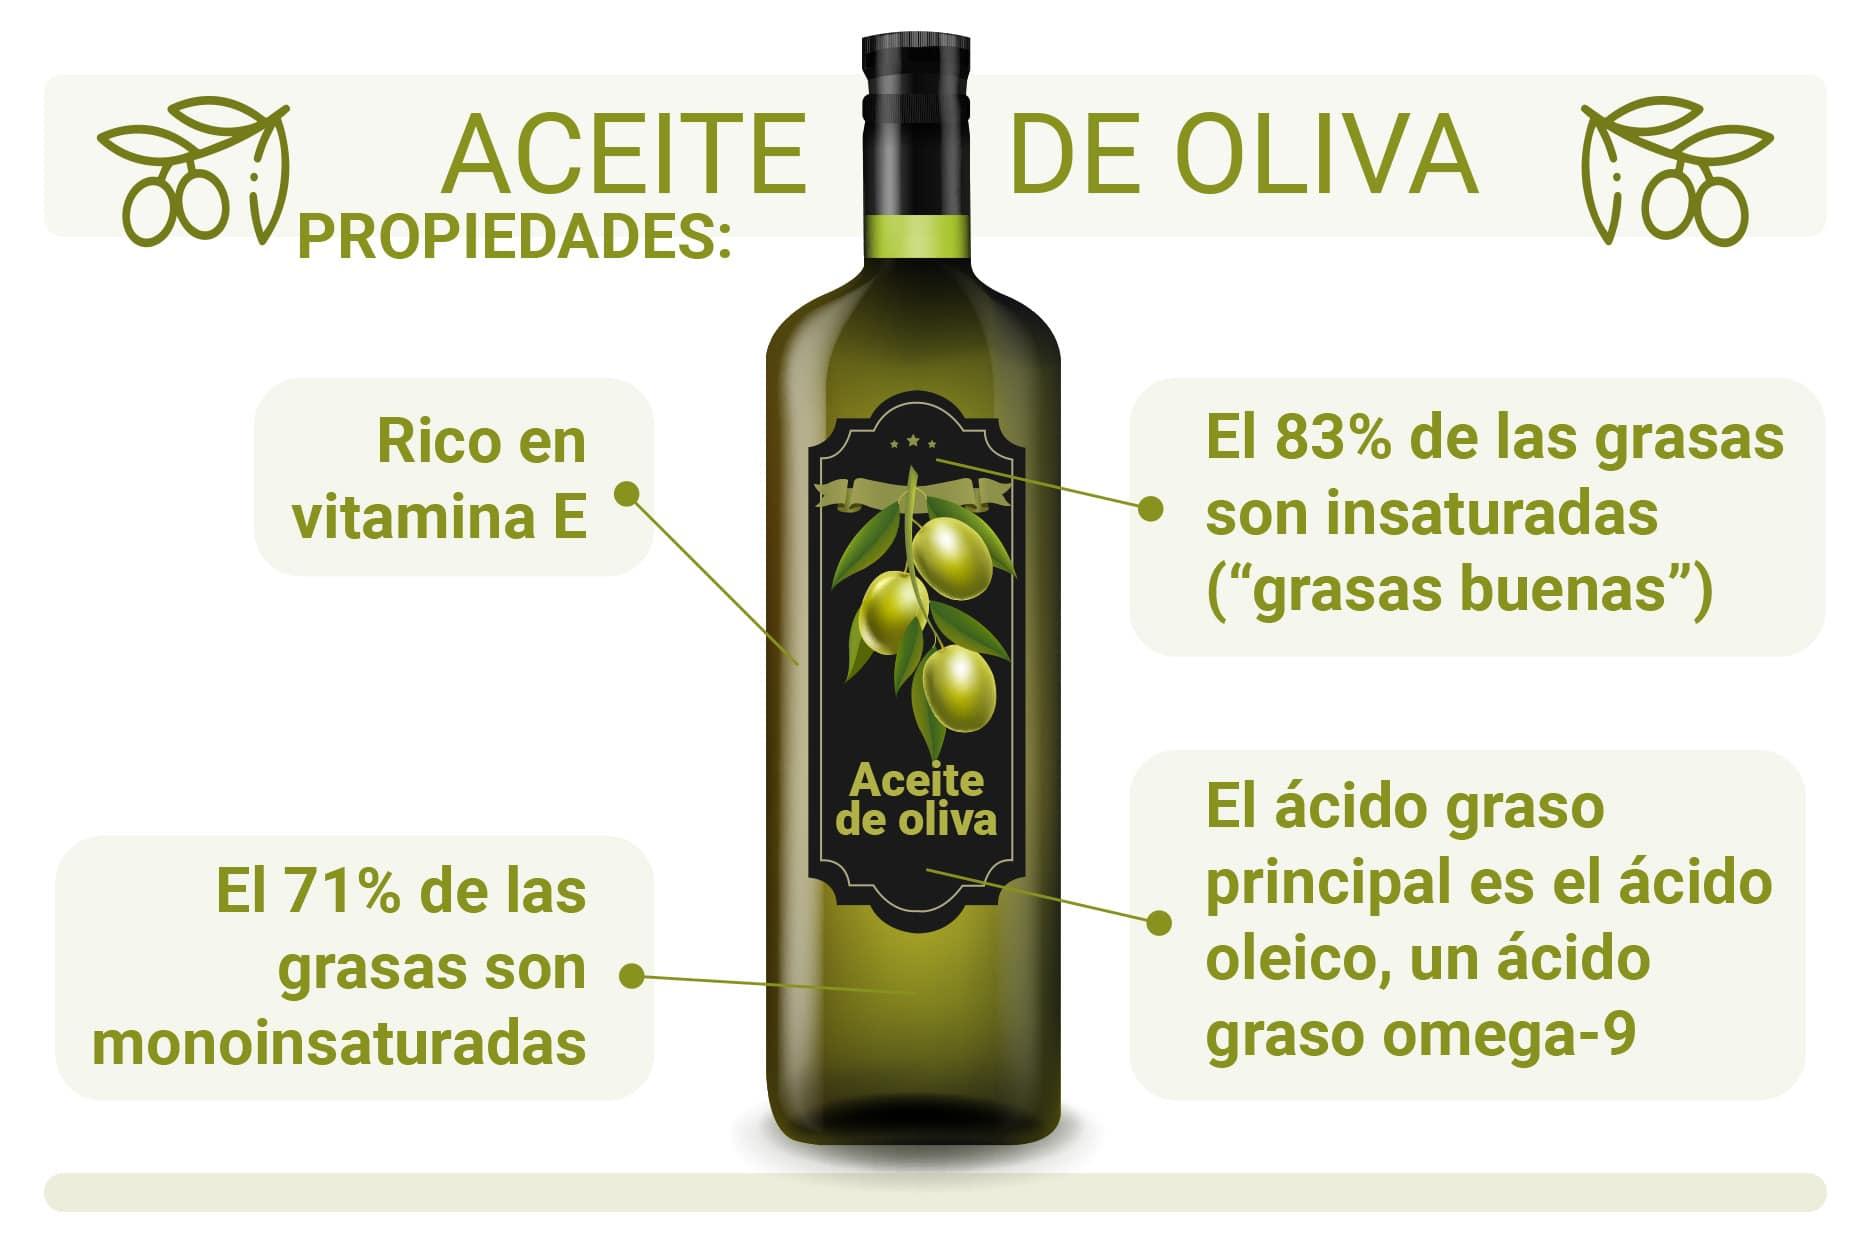 SGP 001 FD JJ GREFUSA 02PropiedadesAceiteOliva - Beneficios y Propiedades del Aceite de Oliva